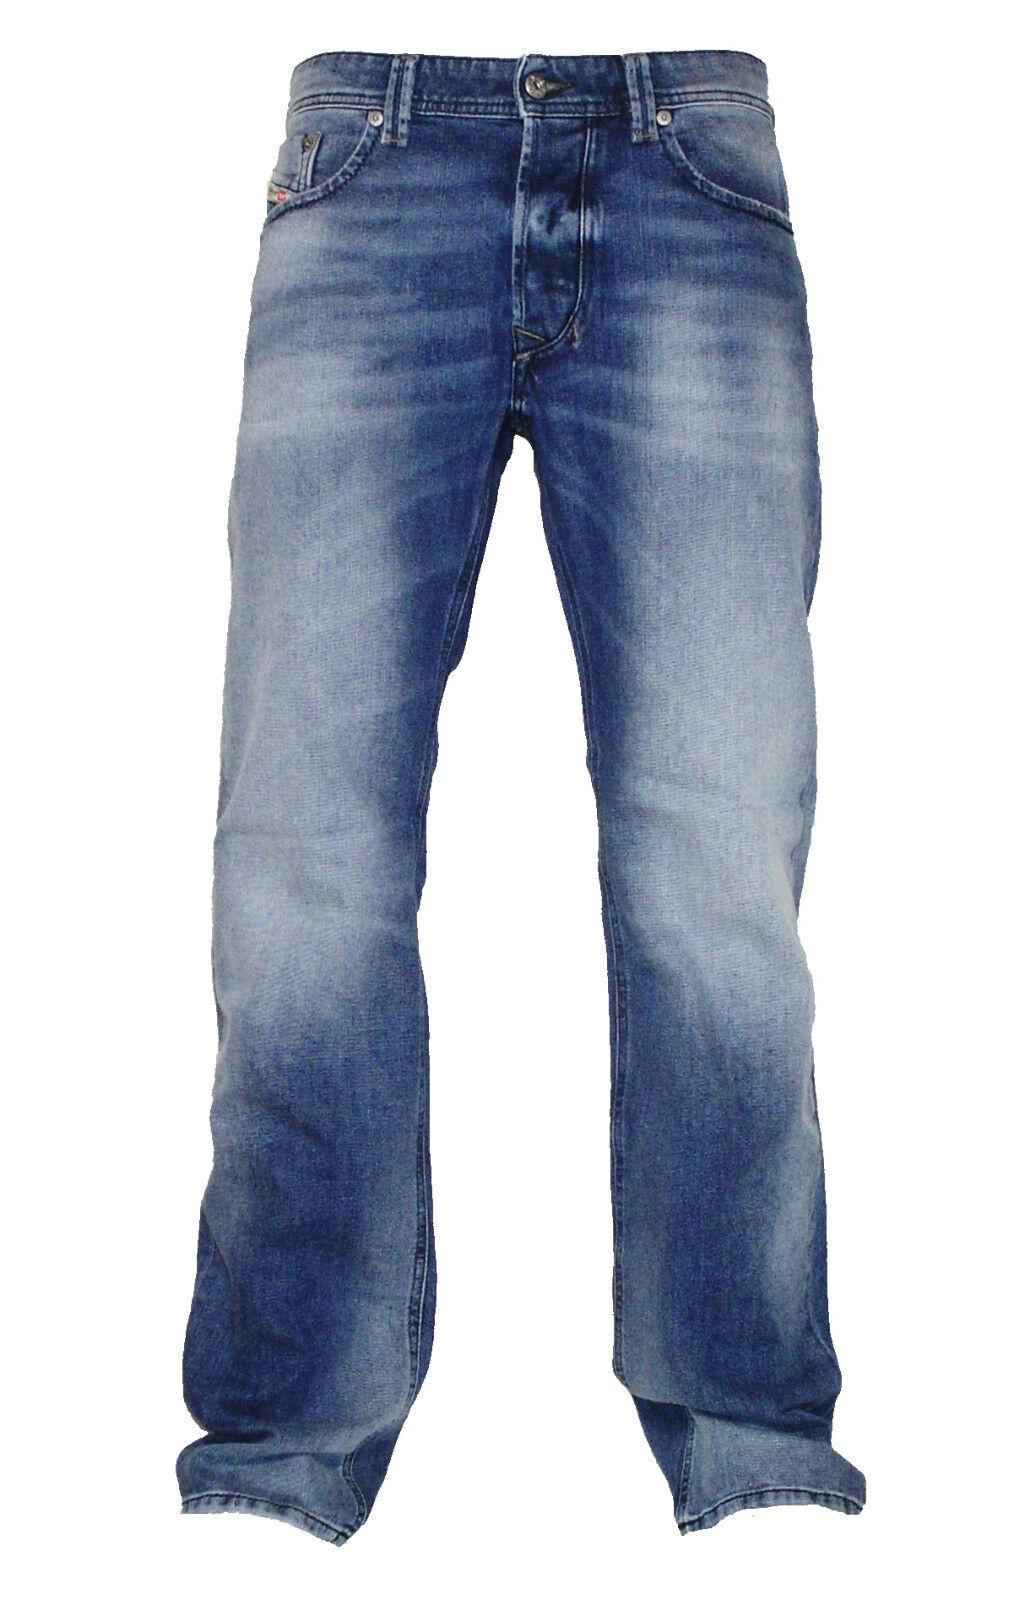 Diesel Herren  Stretch Jeans LARKEE 0853P hellblau Gr. 28-38 NEU Kollektion 2017